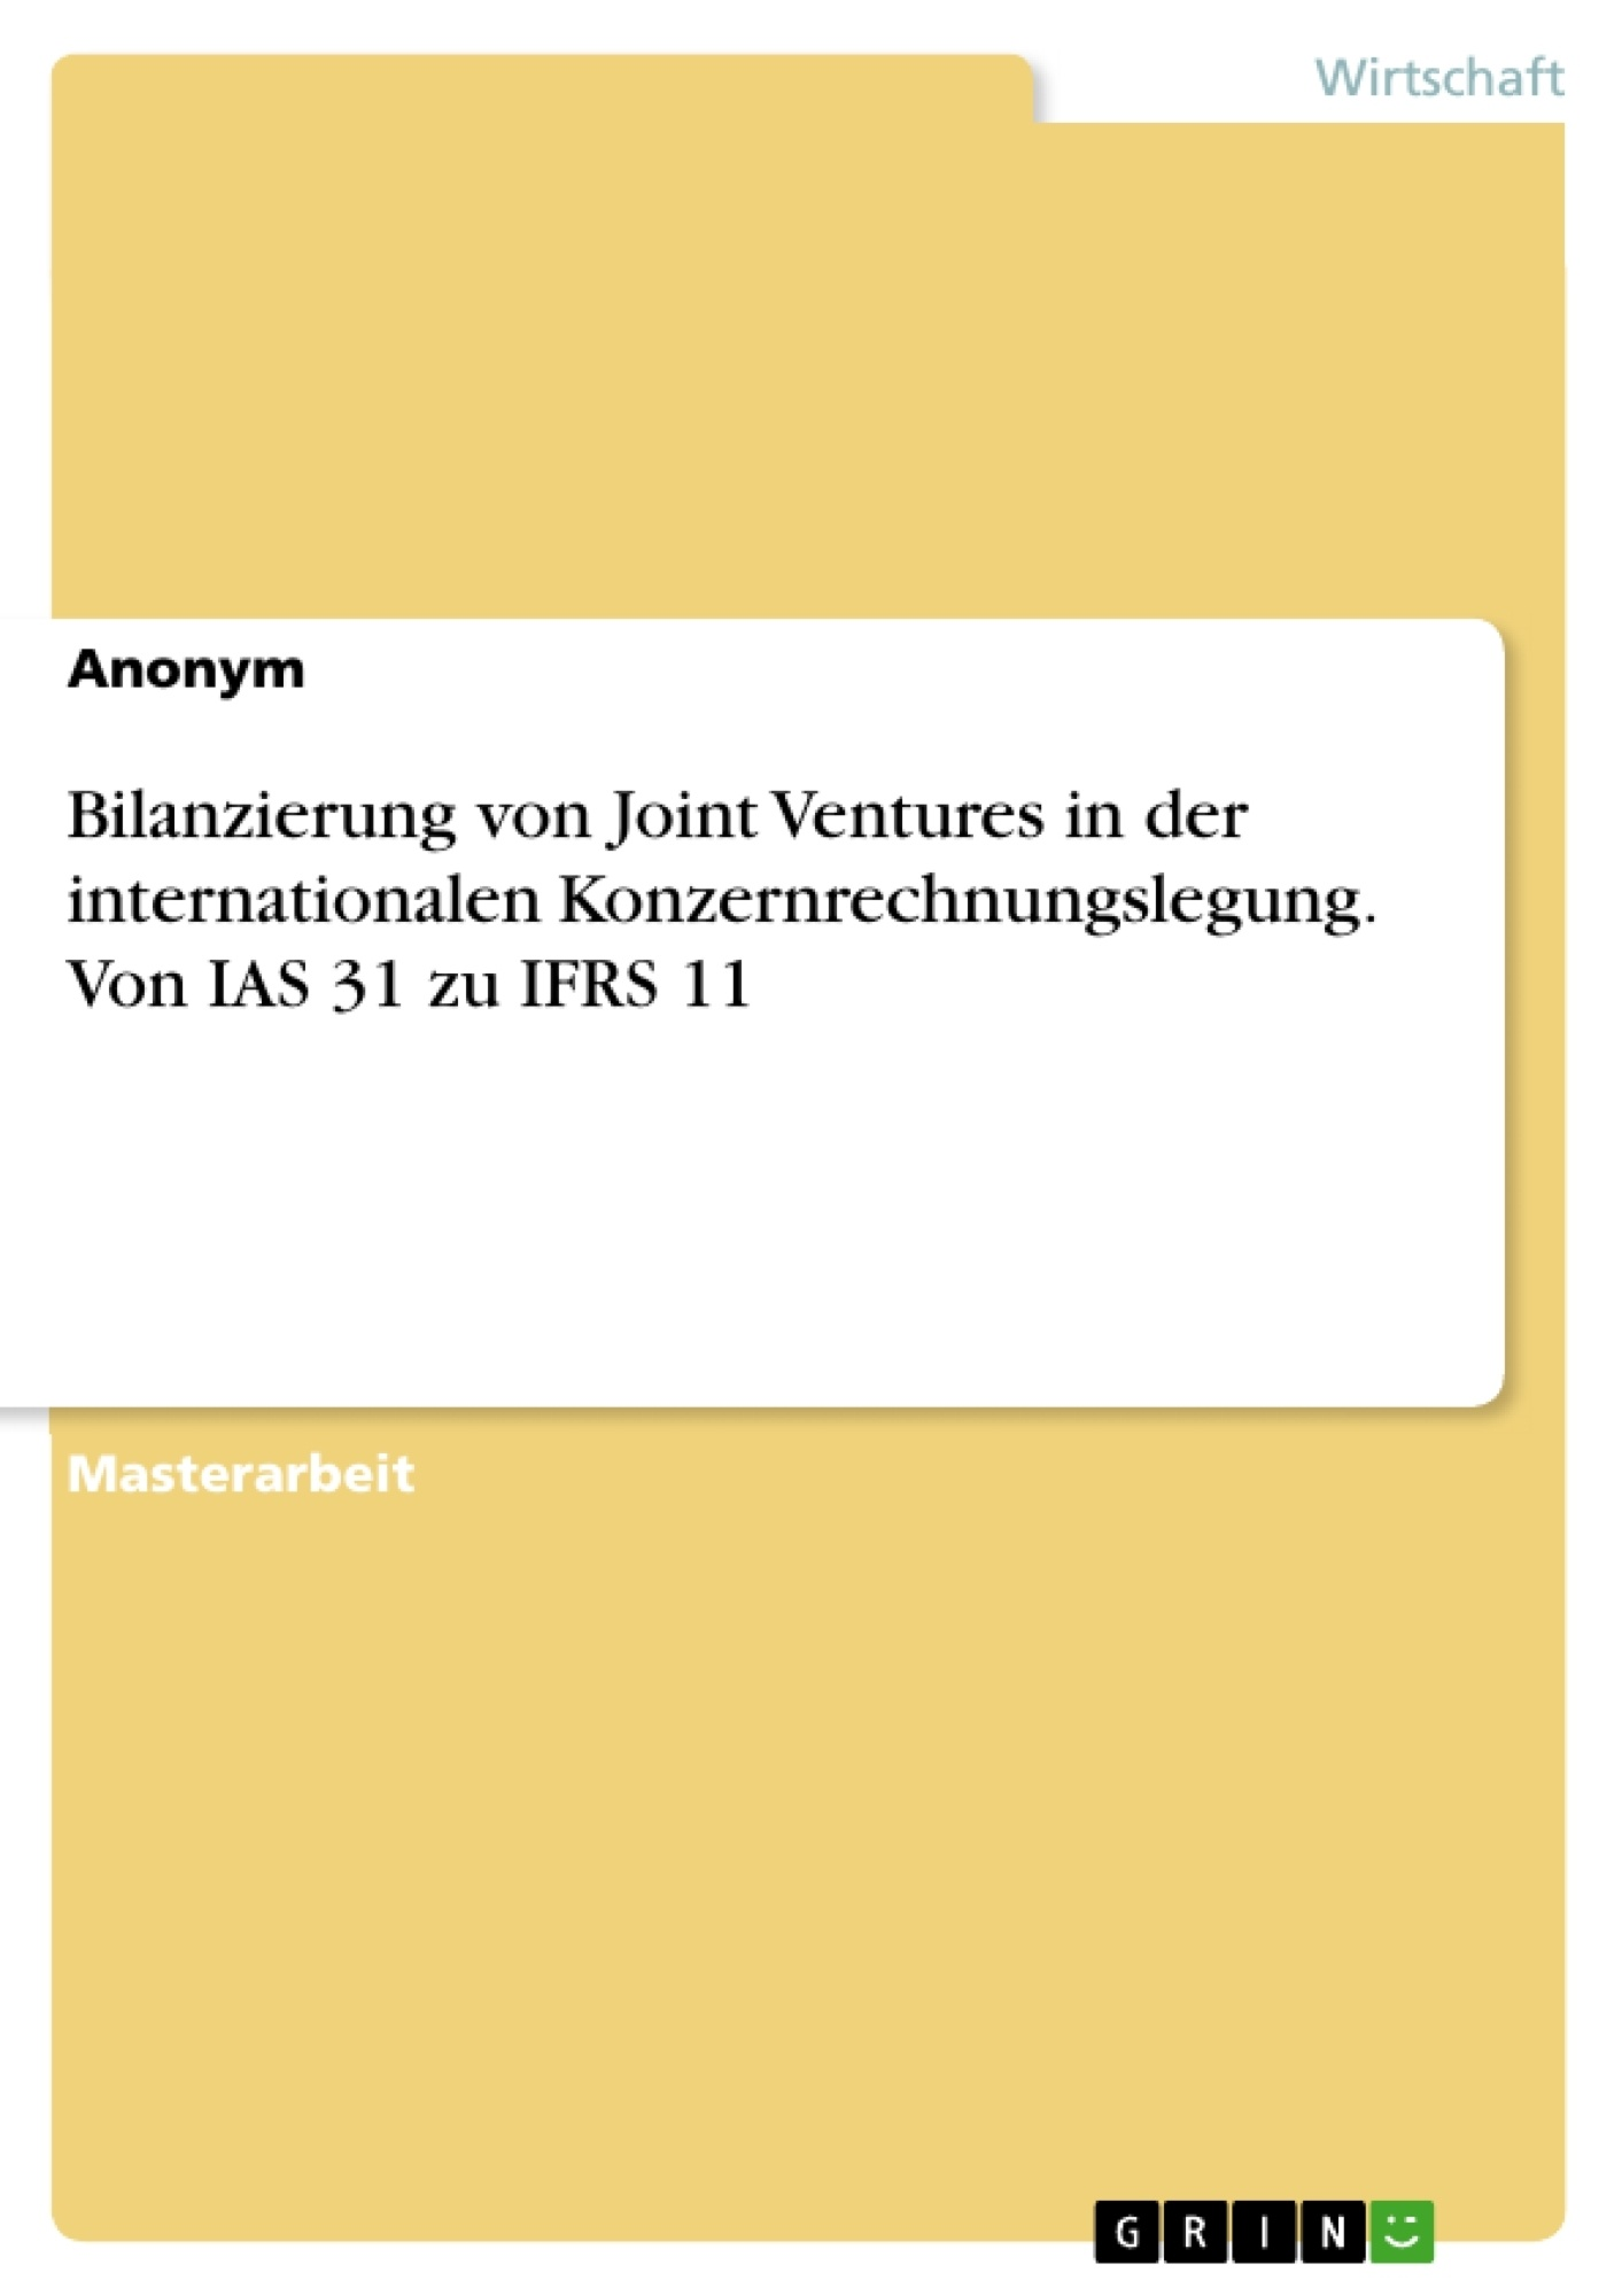 Titel: Bilanzierung von Joint Ventures in der internationalen Konzernrechnungslegung. Von IAS 31 zu IFRS 11